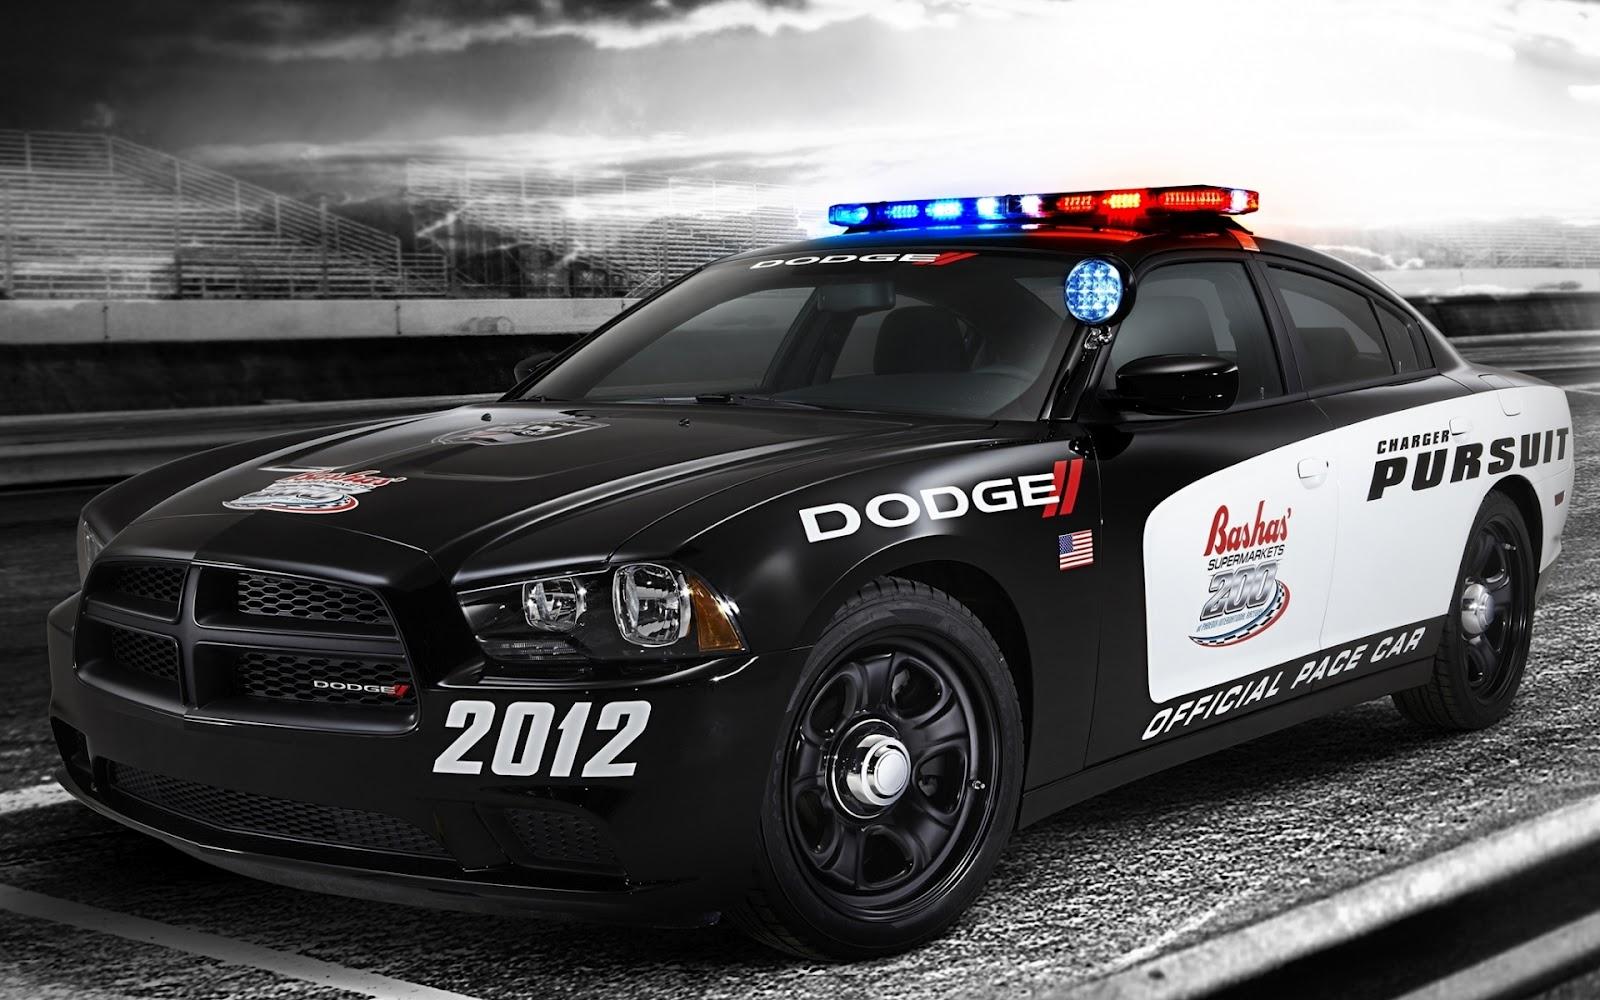 http://1.bp.blogspot.com/-fxt-LeTwRN4/T9owjg0xUmI/AAAAAAAAfPg/7YW8DUj83E4/s1600/Dodge-Charger-Pursuit-Pace-Car-2012.jpg